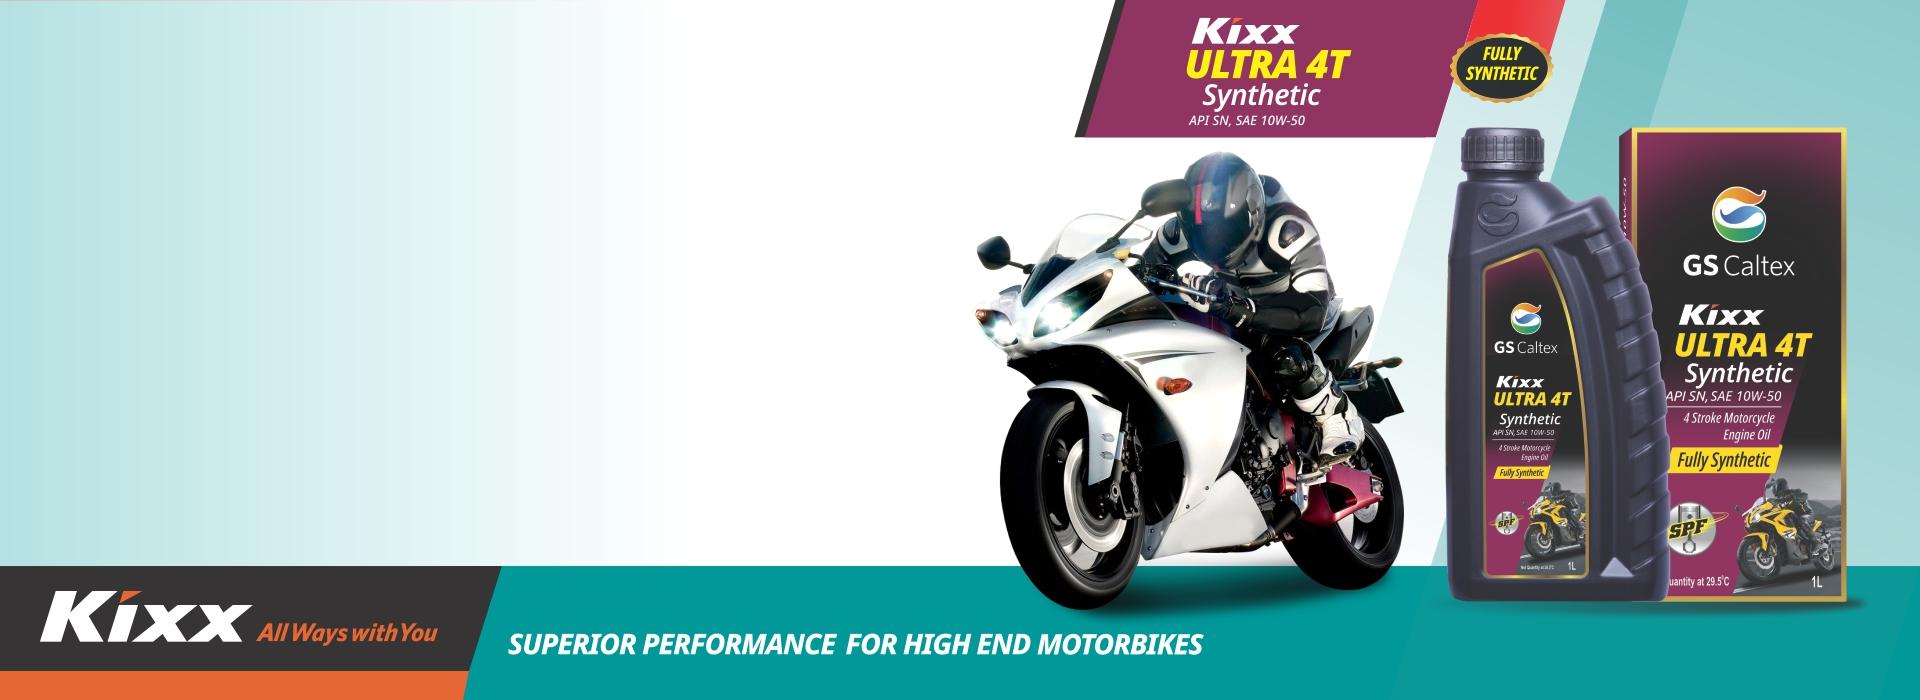 Kixx Ultra 4t Synthetic